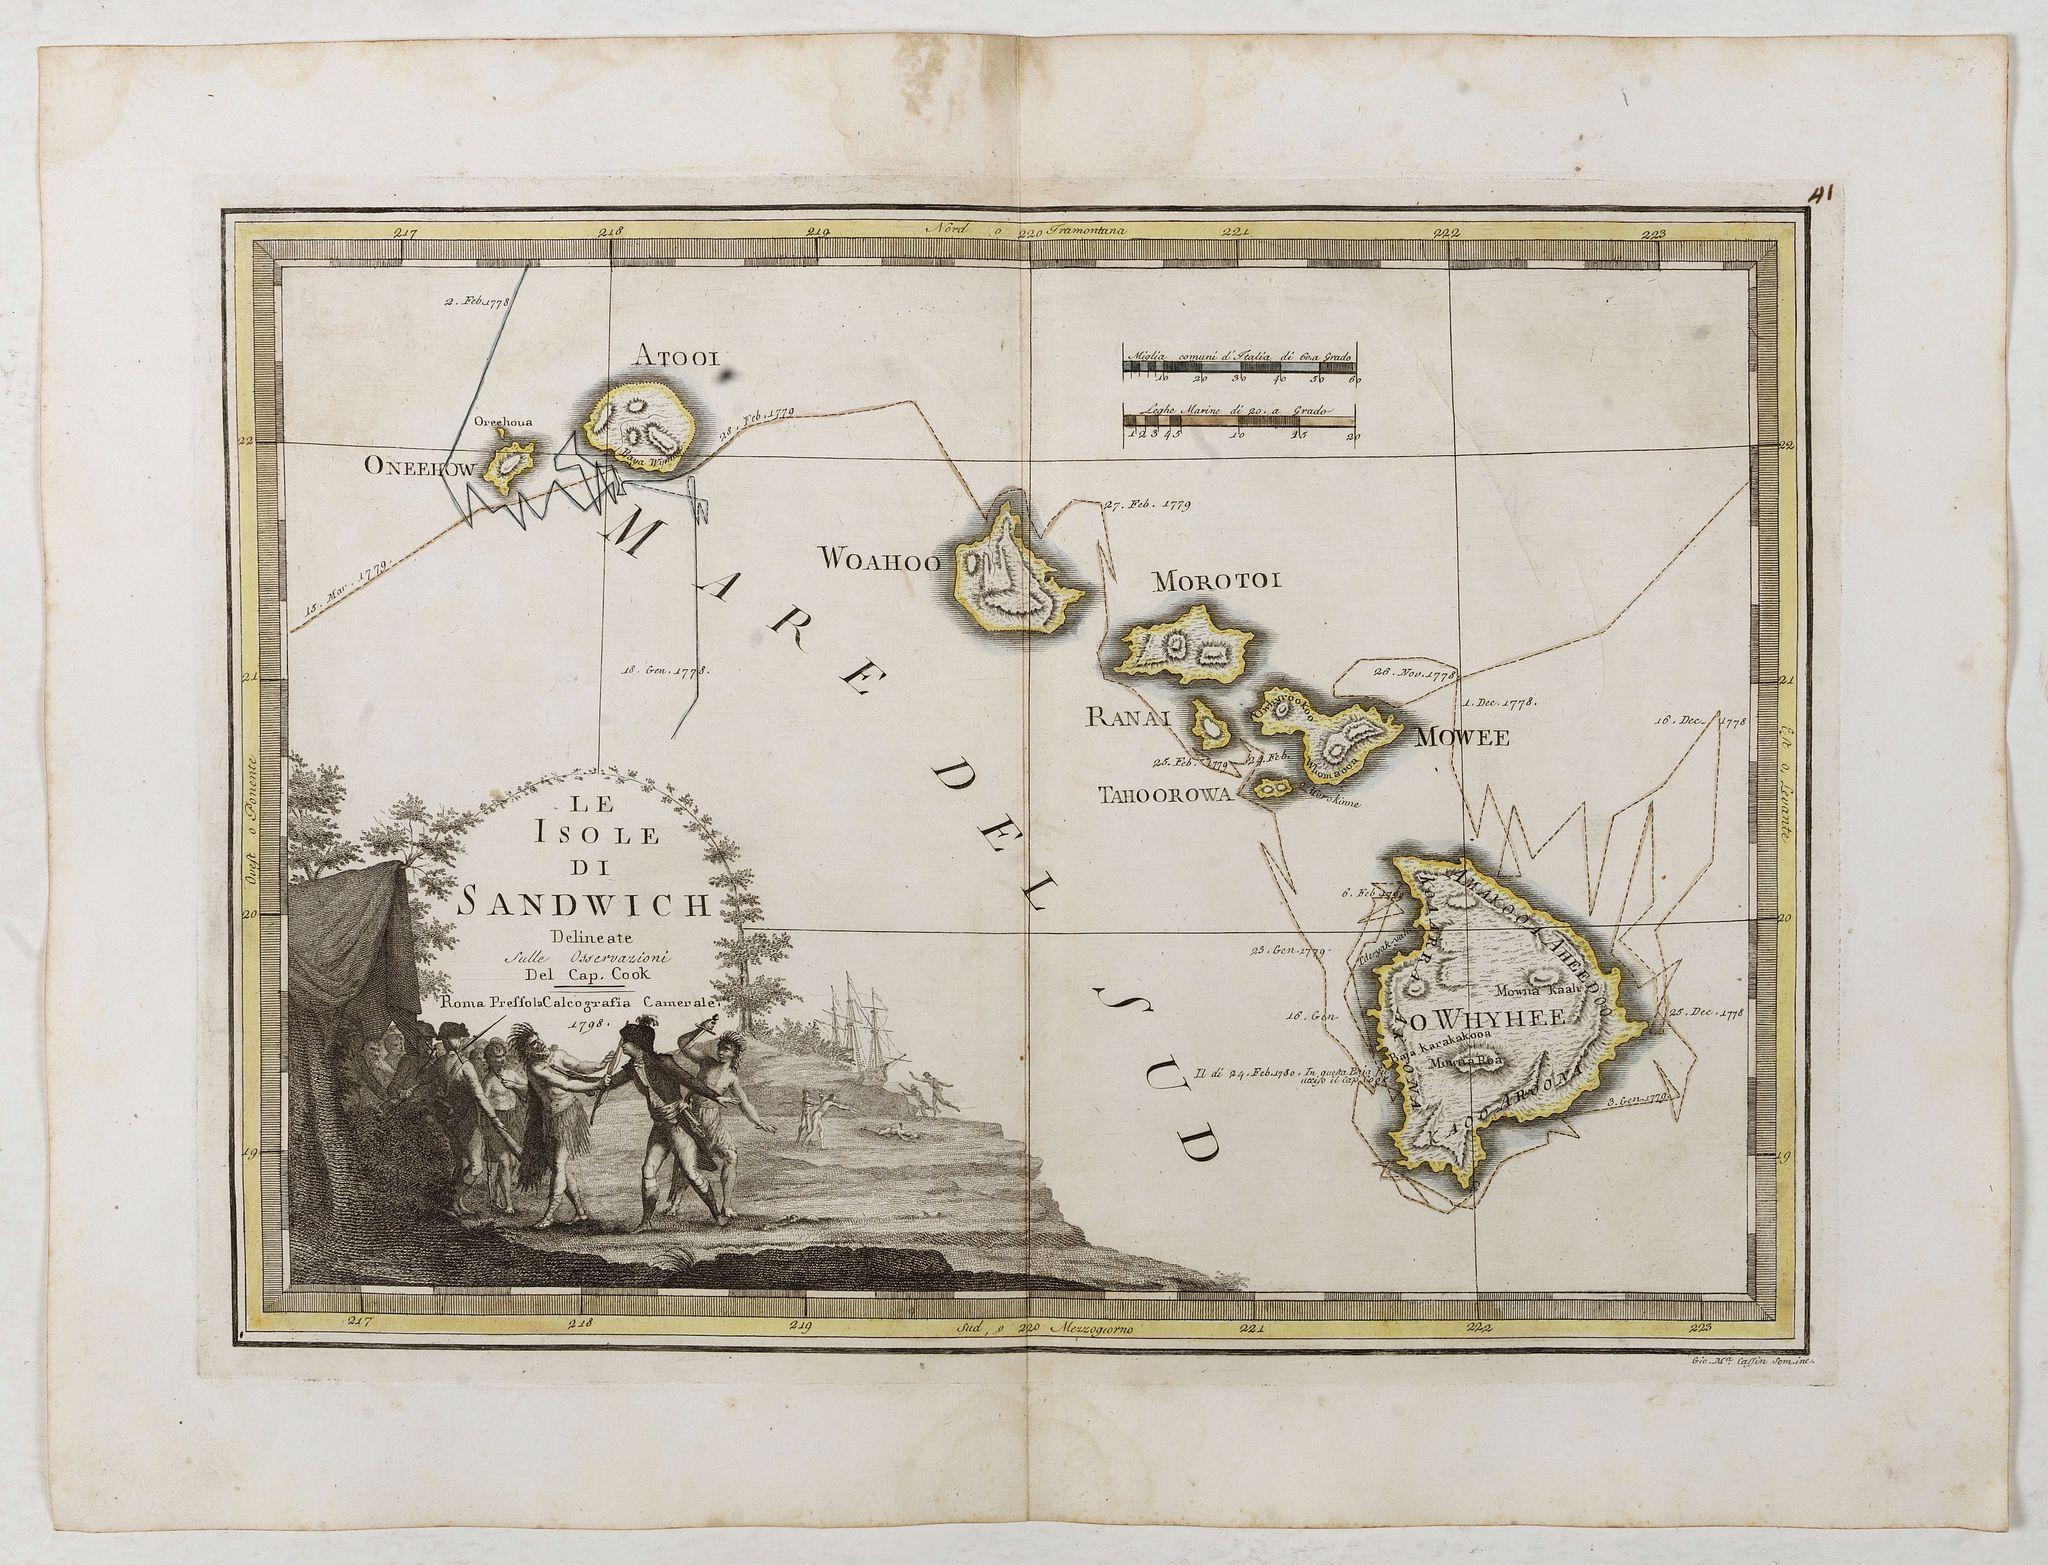 CASSINI, G.M. -  Le Isole di Sandwich delineate sulle osservazioni del Cap Cook. [Hawaii]